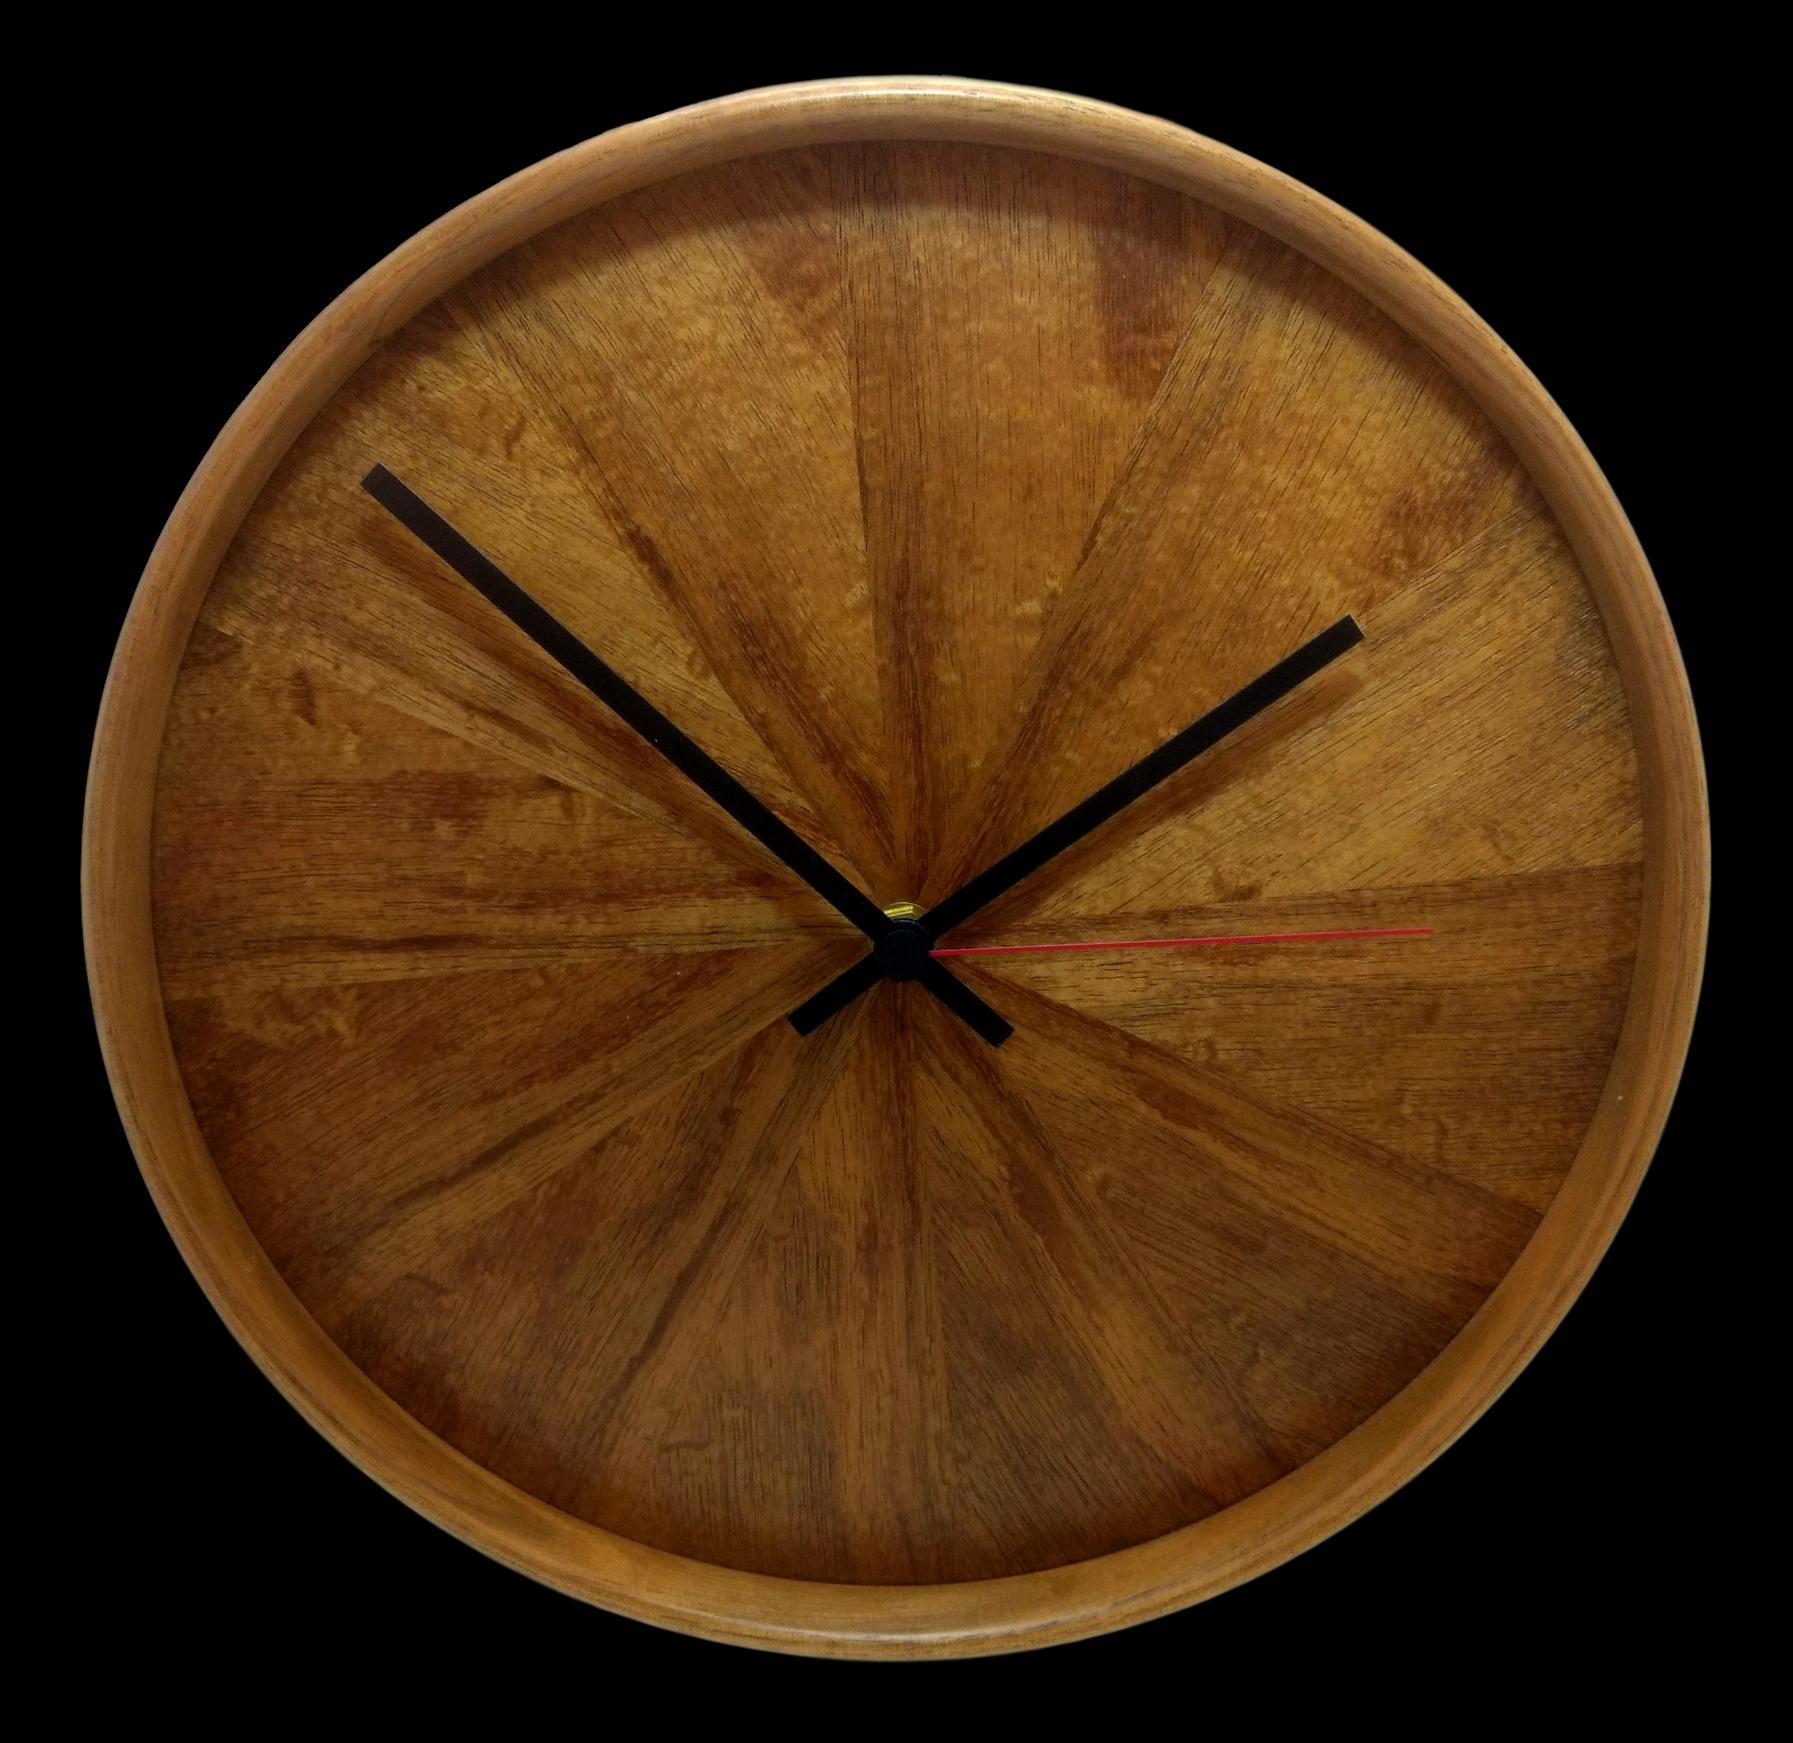 Blackwood Tic Toc Clock